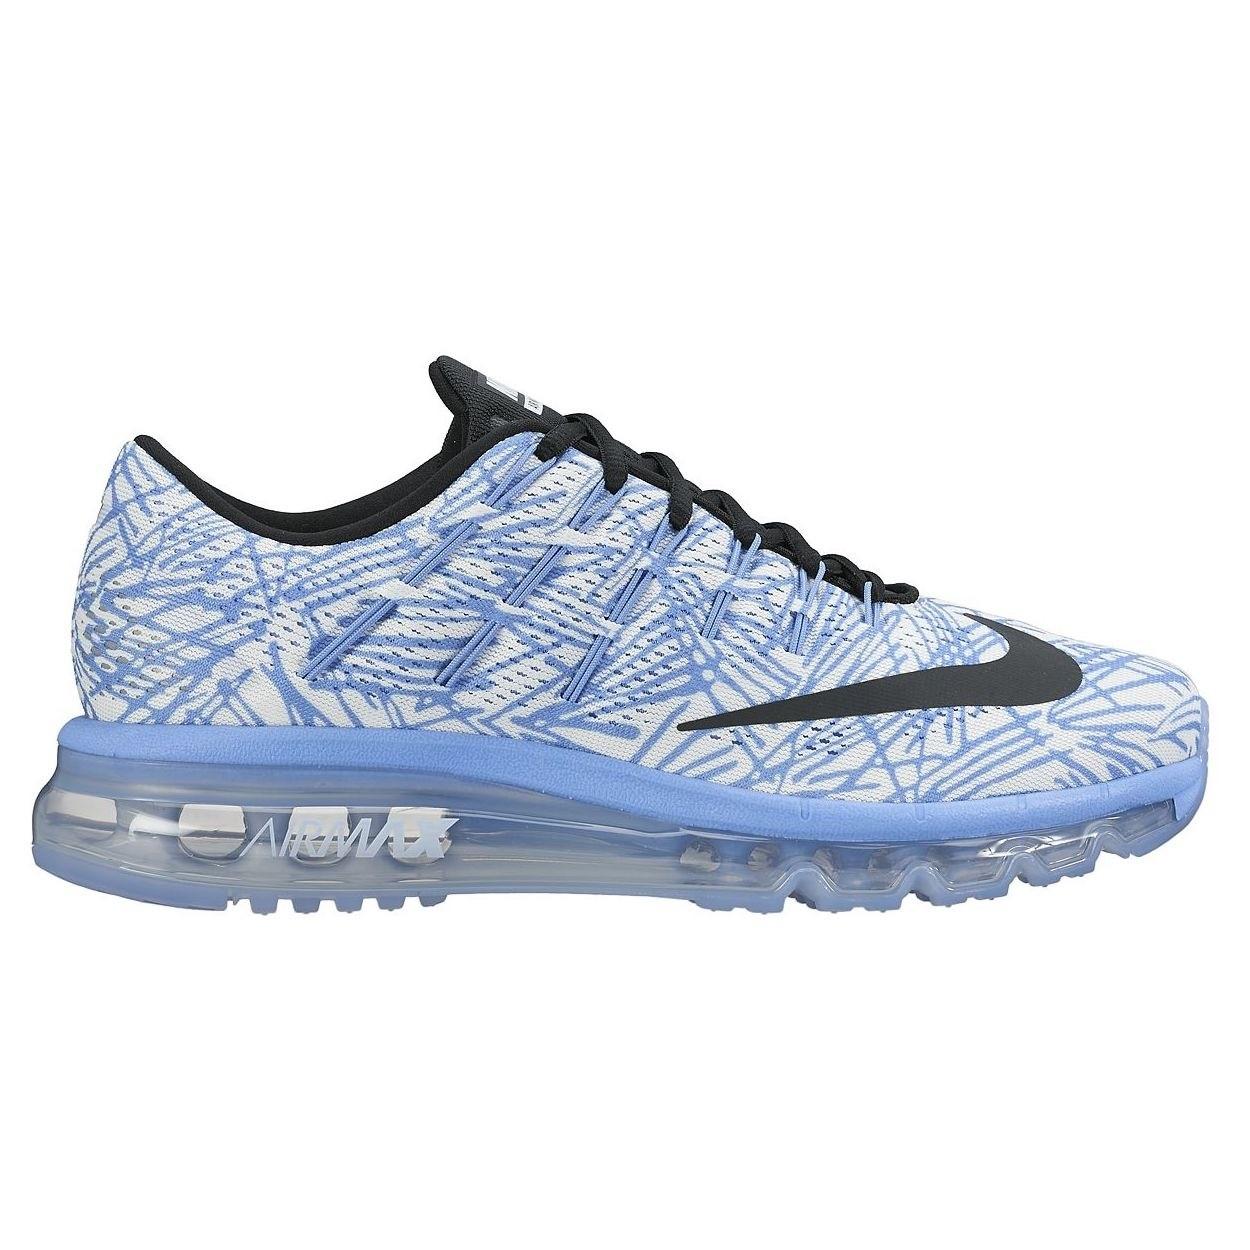 Dámské boty Nike WMNS AIR MAX 2016 PRINT modro-bílé  3d23c30a89e